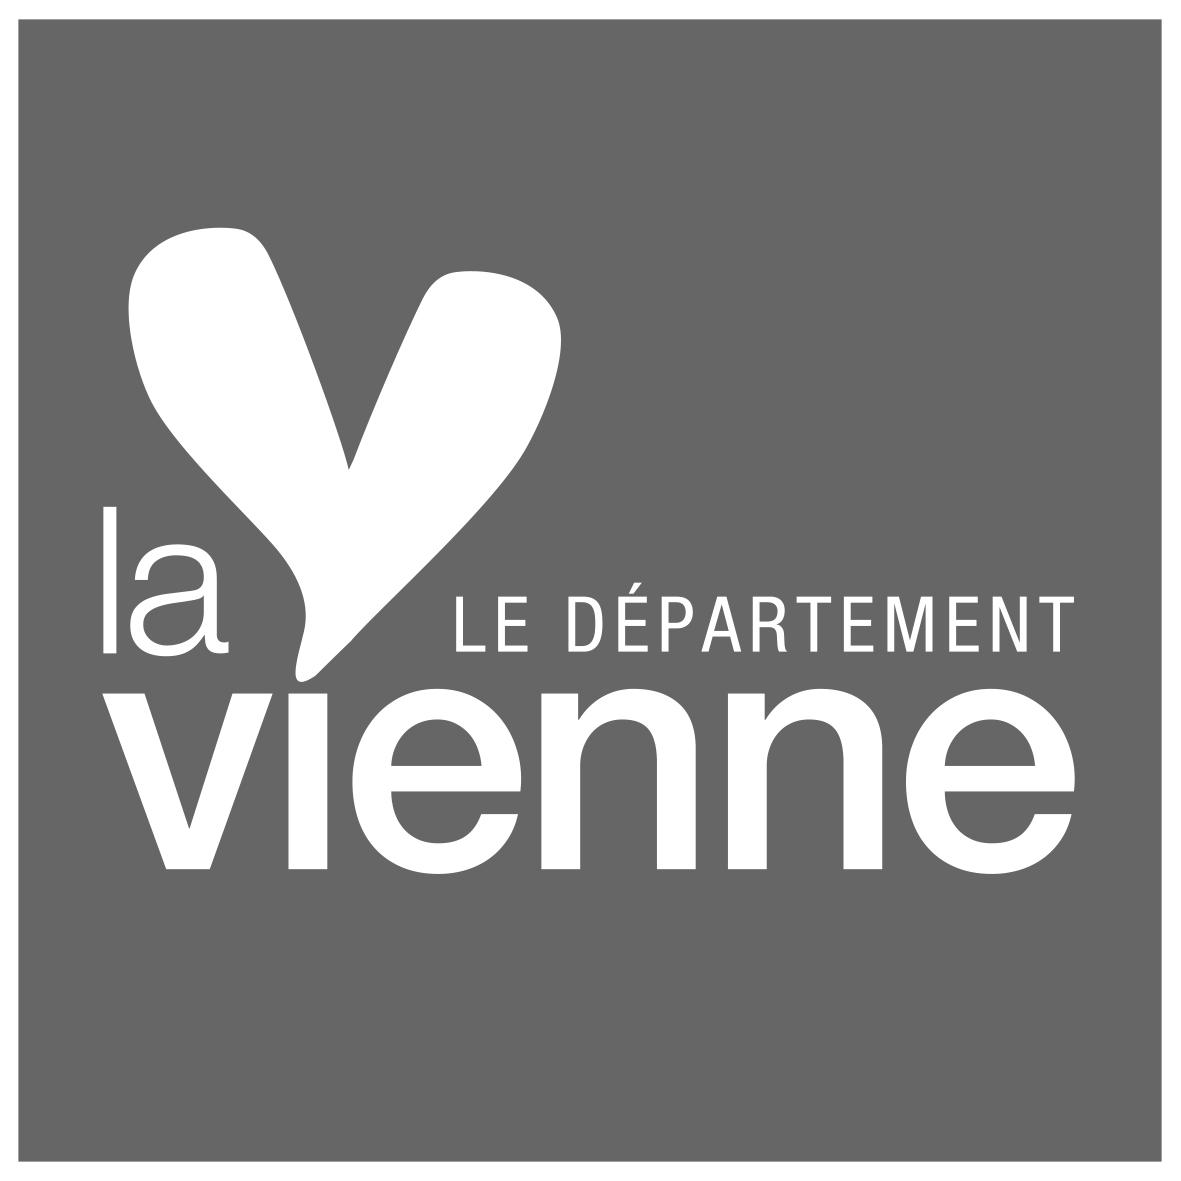 Vienne-NB